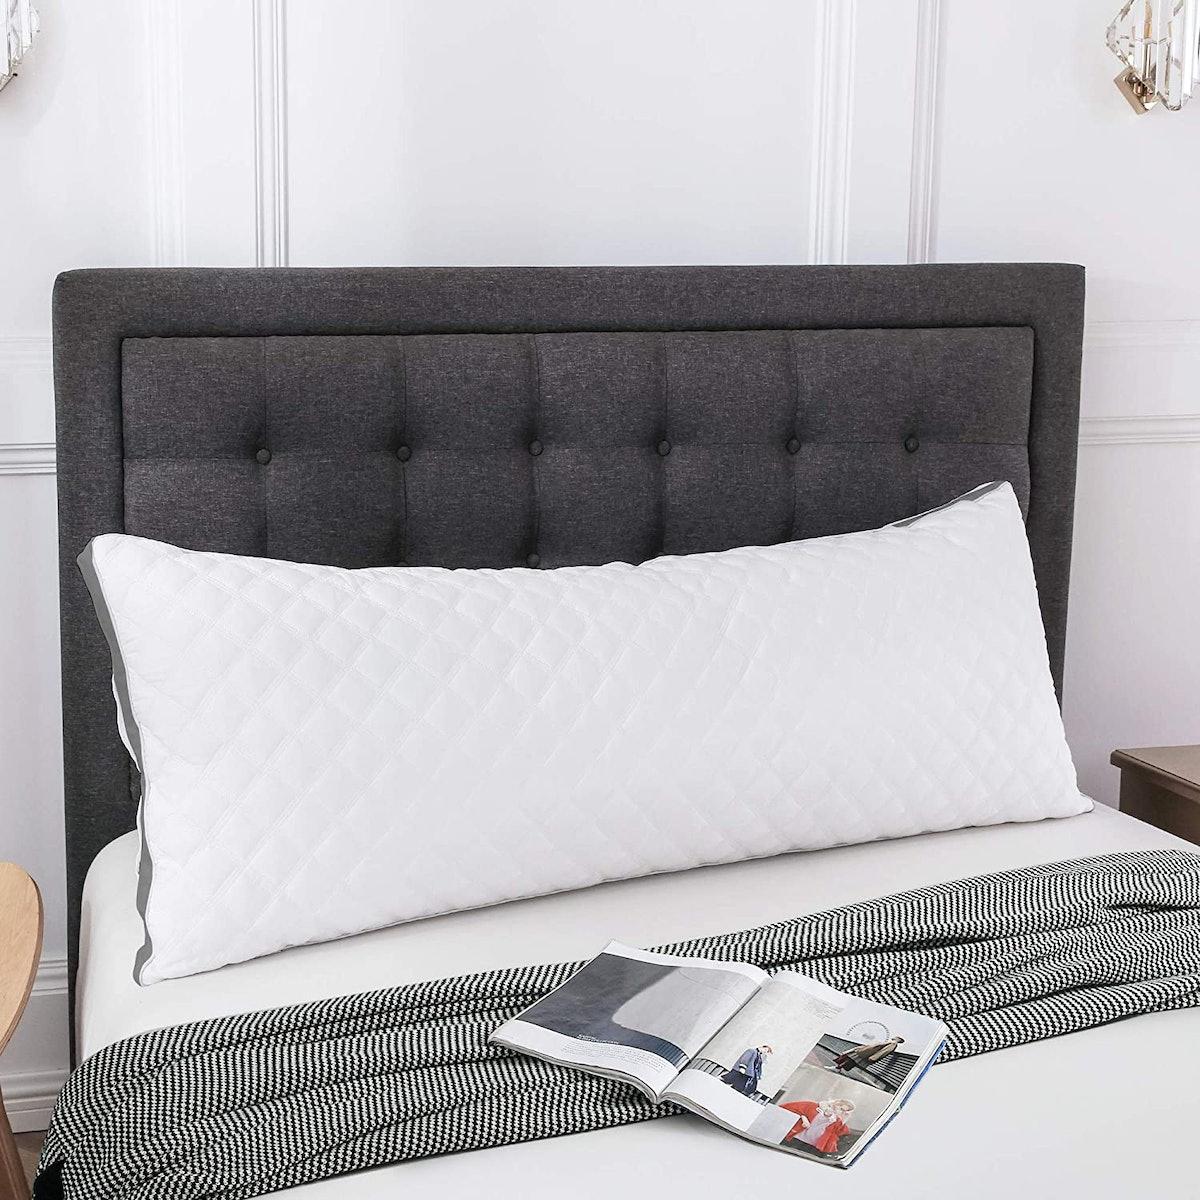 Leeden Body Pillow with Cotton Pillowcase